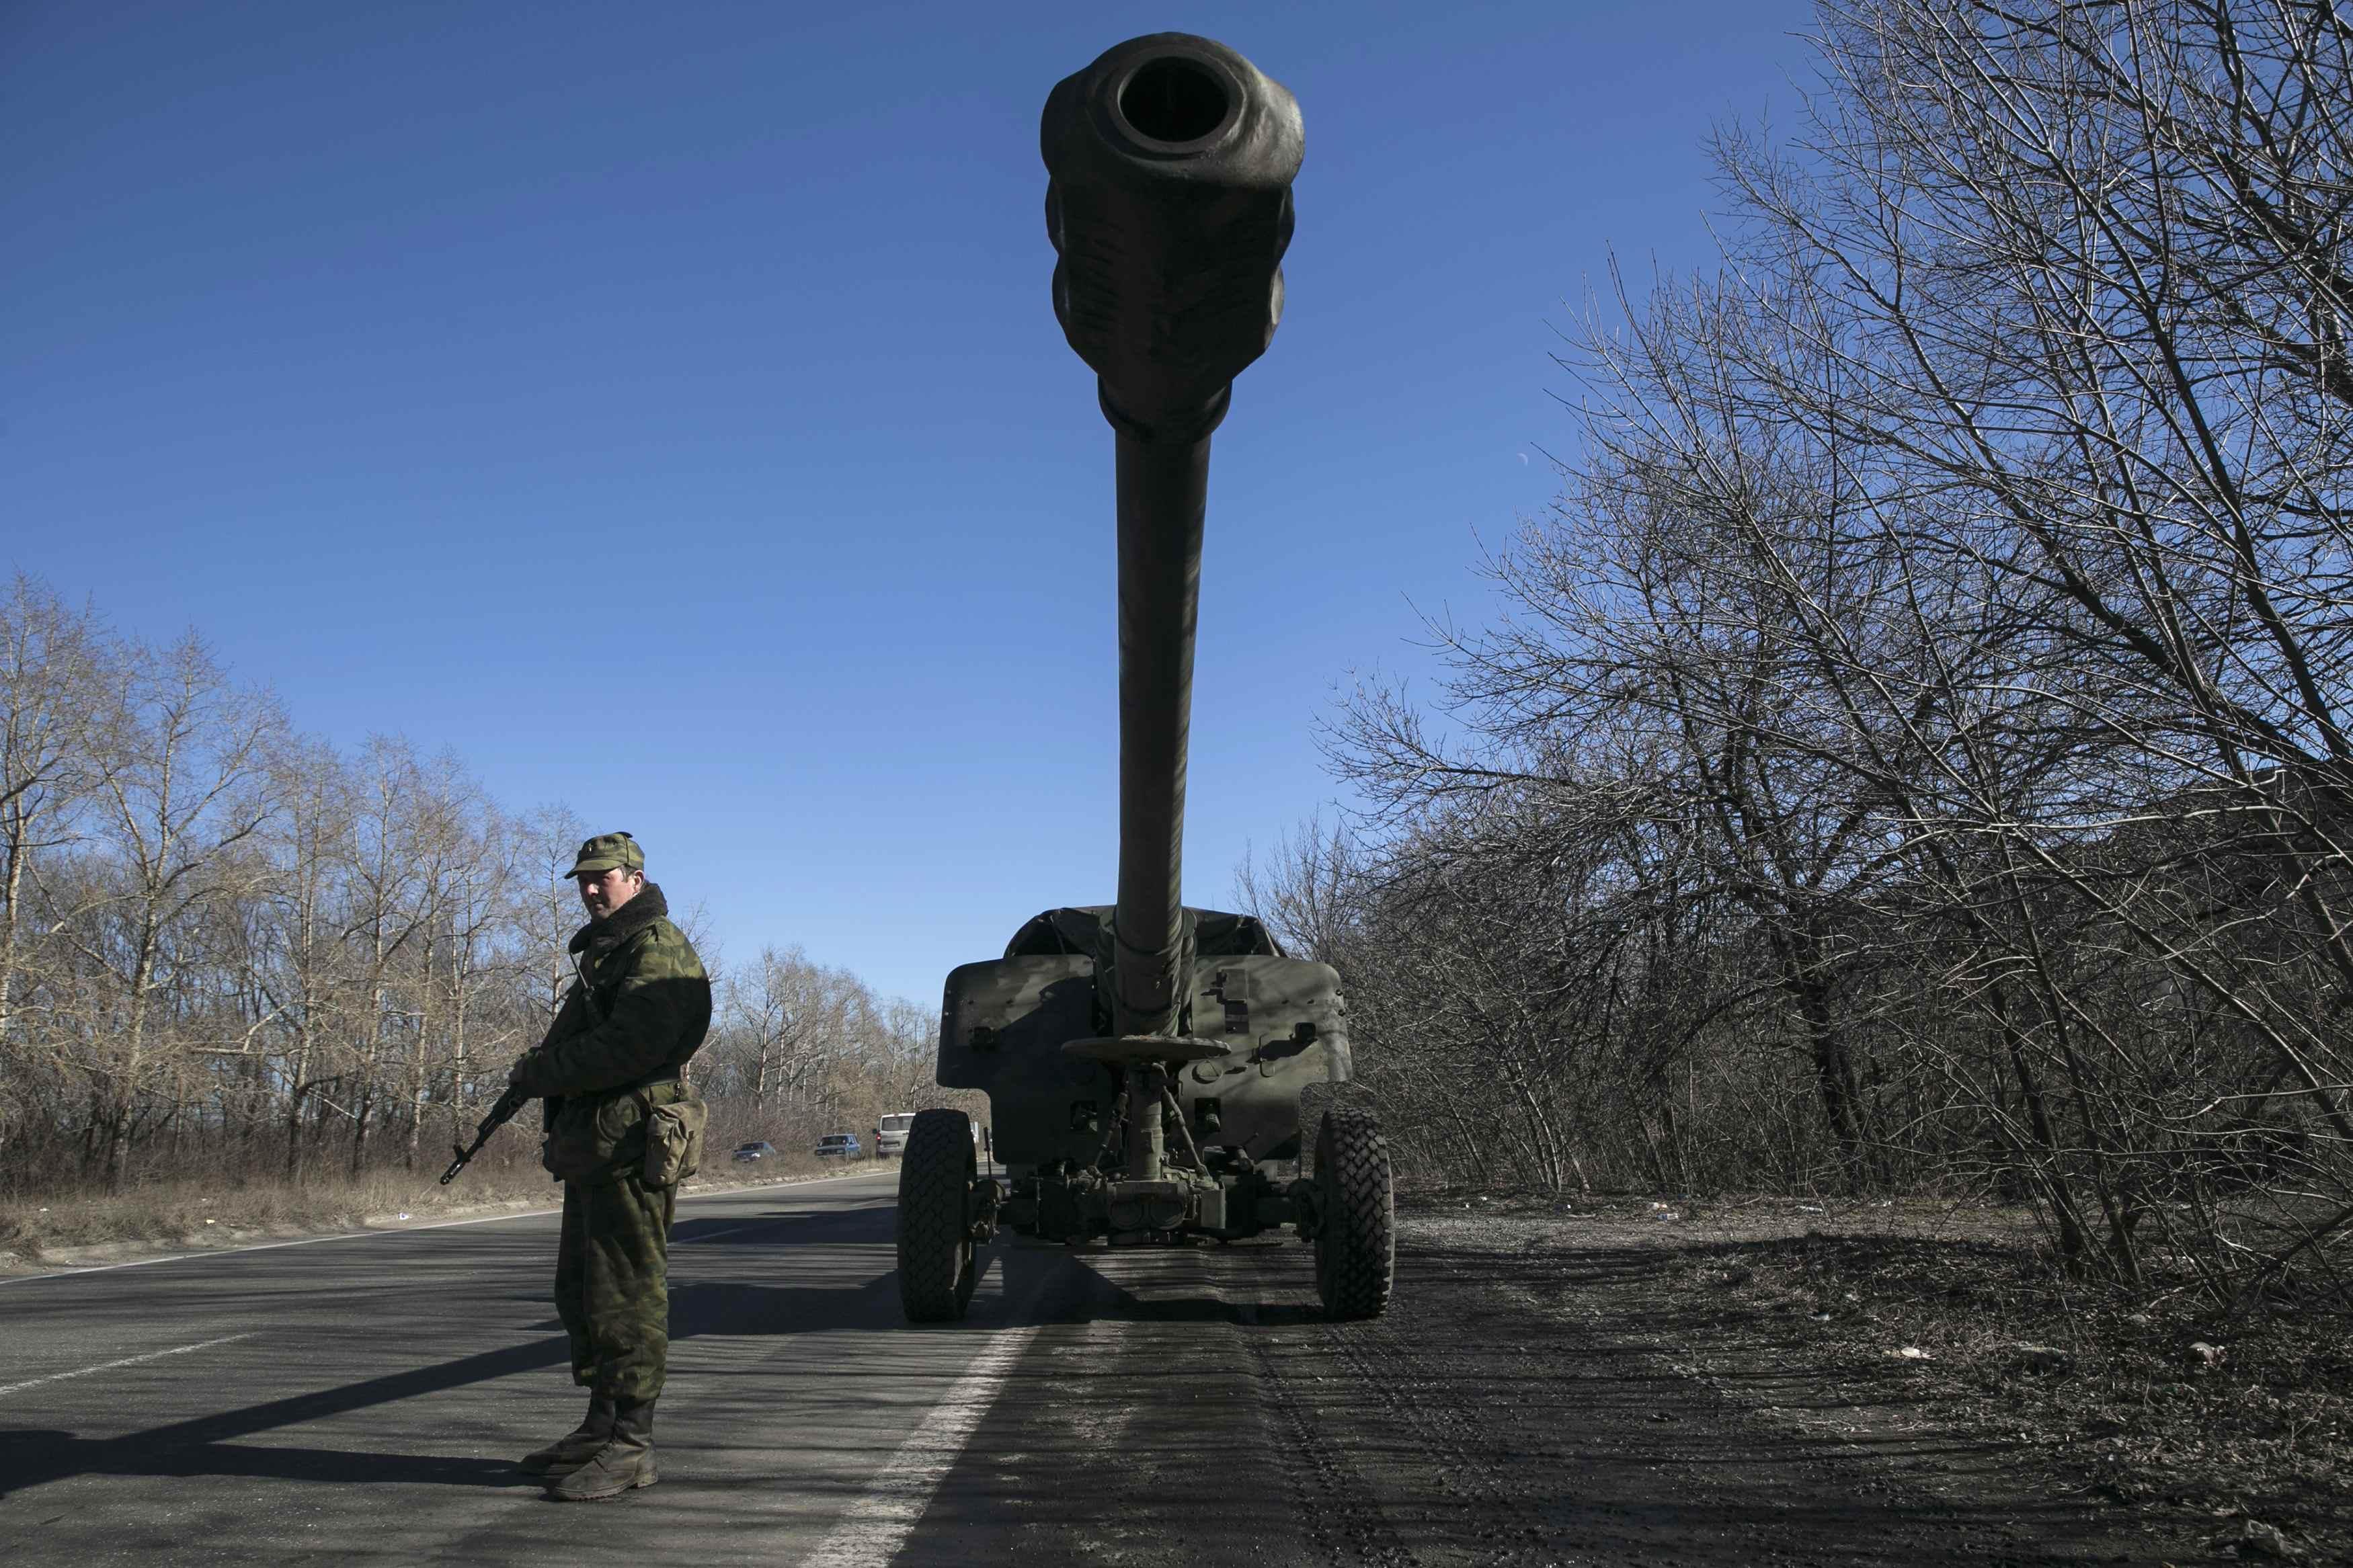 Артиллерия боевиков на Донбассе, иллюстрация